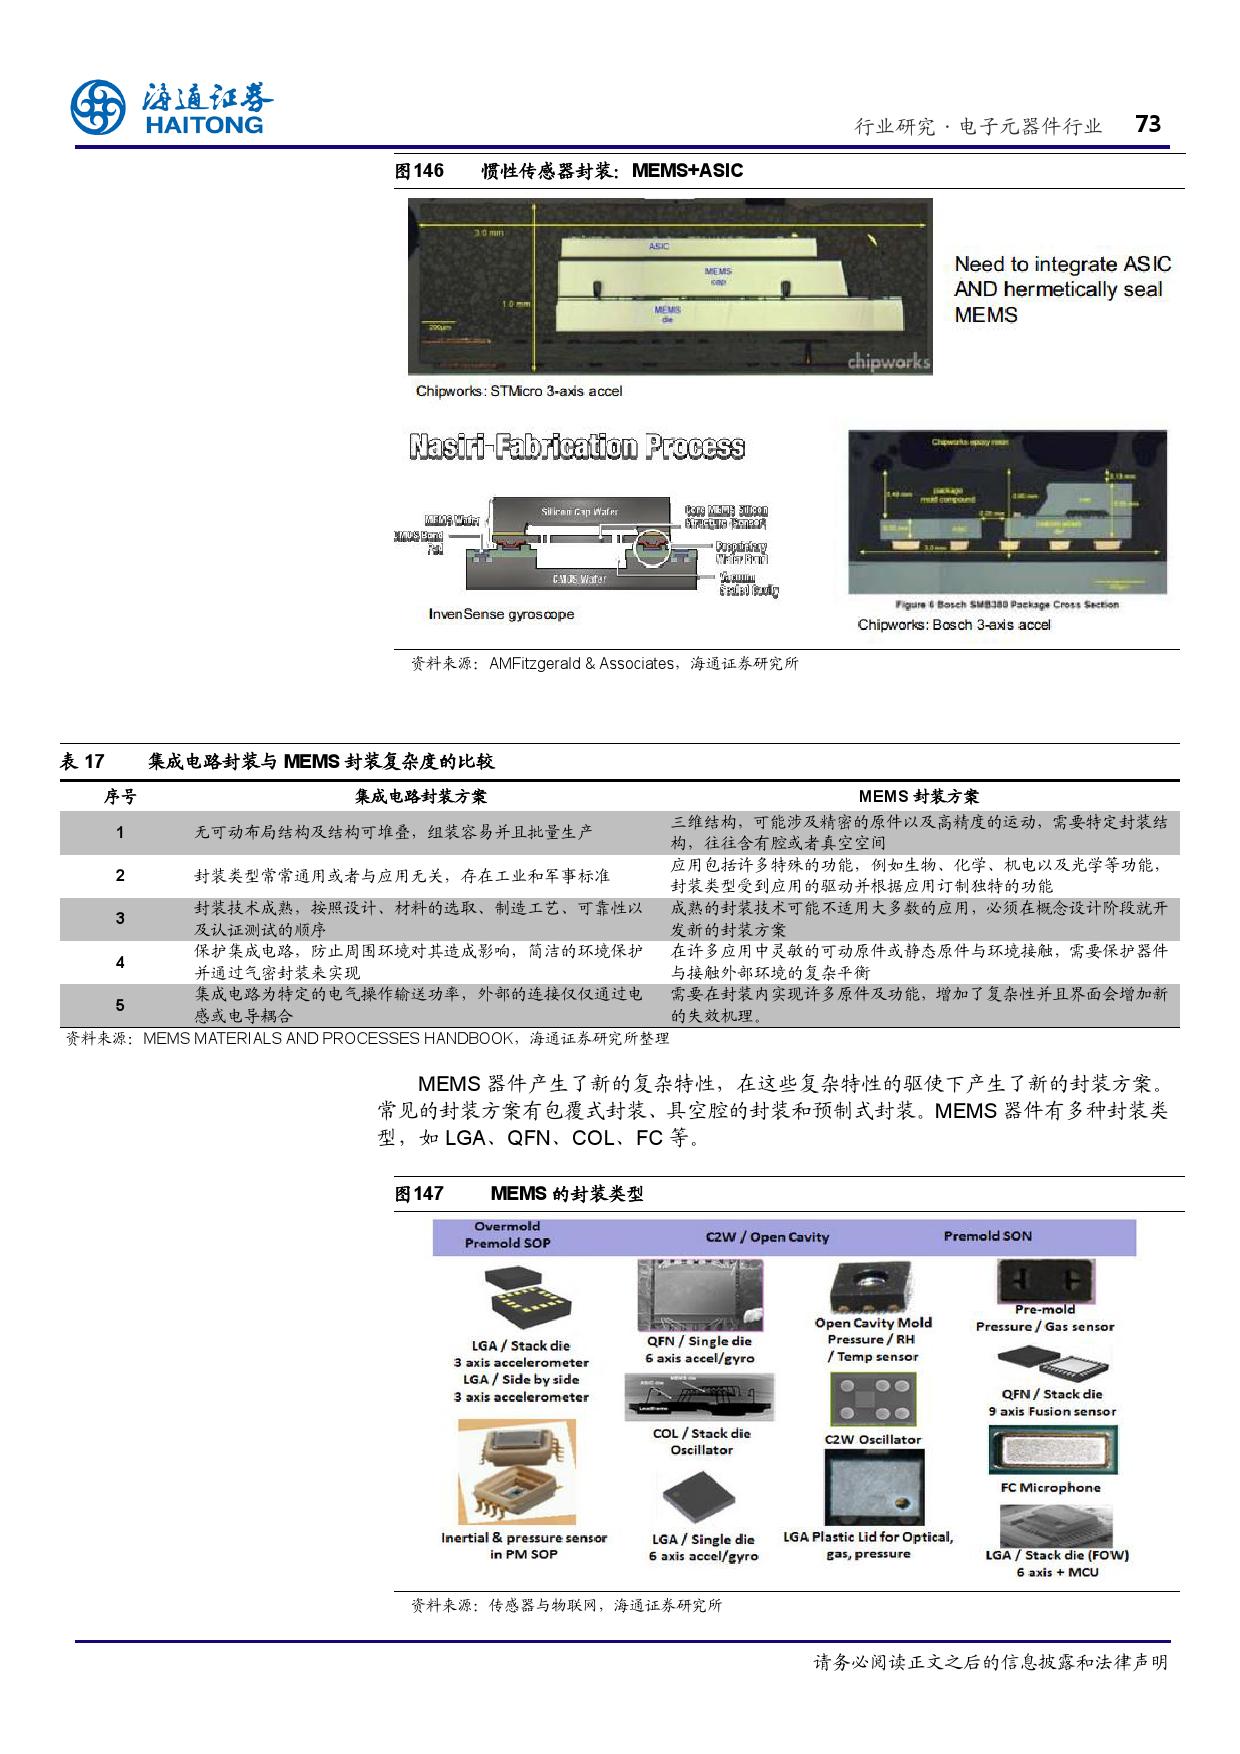 报告全解传感器全球产业链_000073